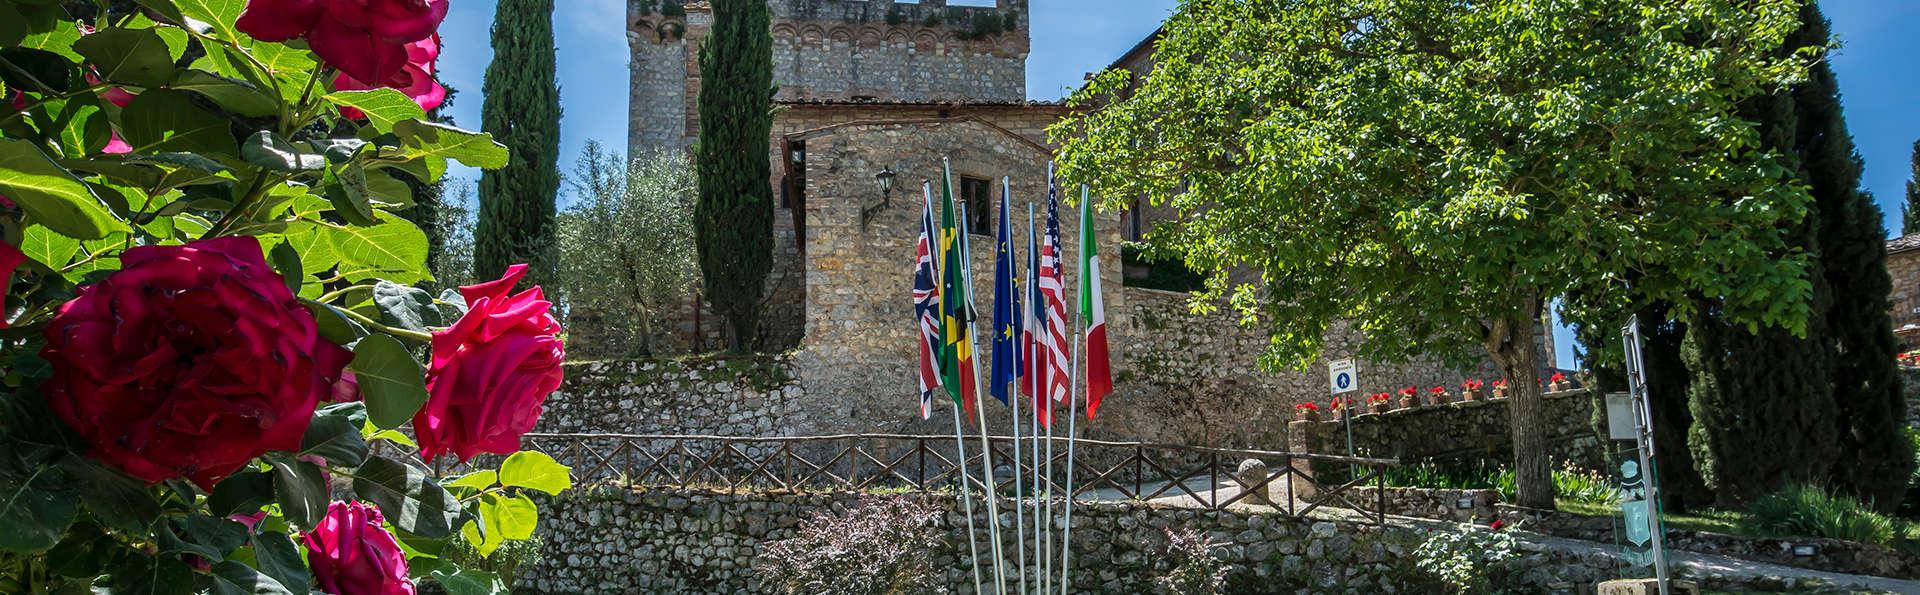 Castel Pietraio - Edit_Front.jpg